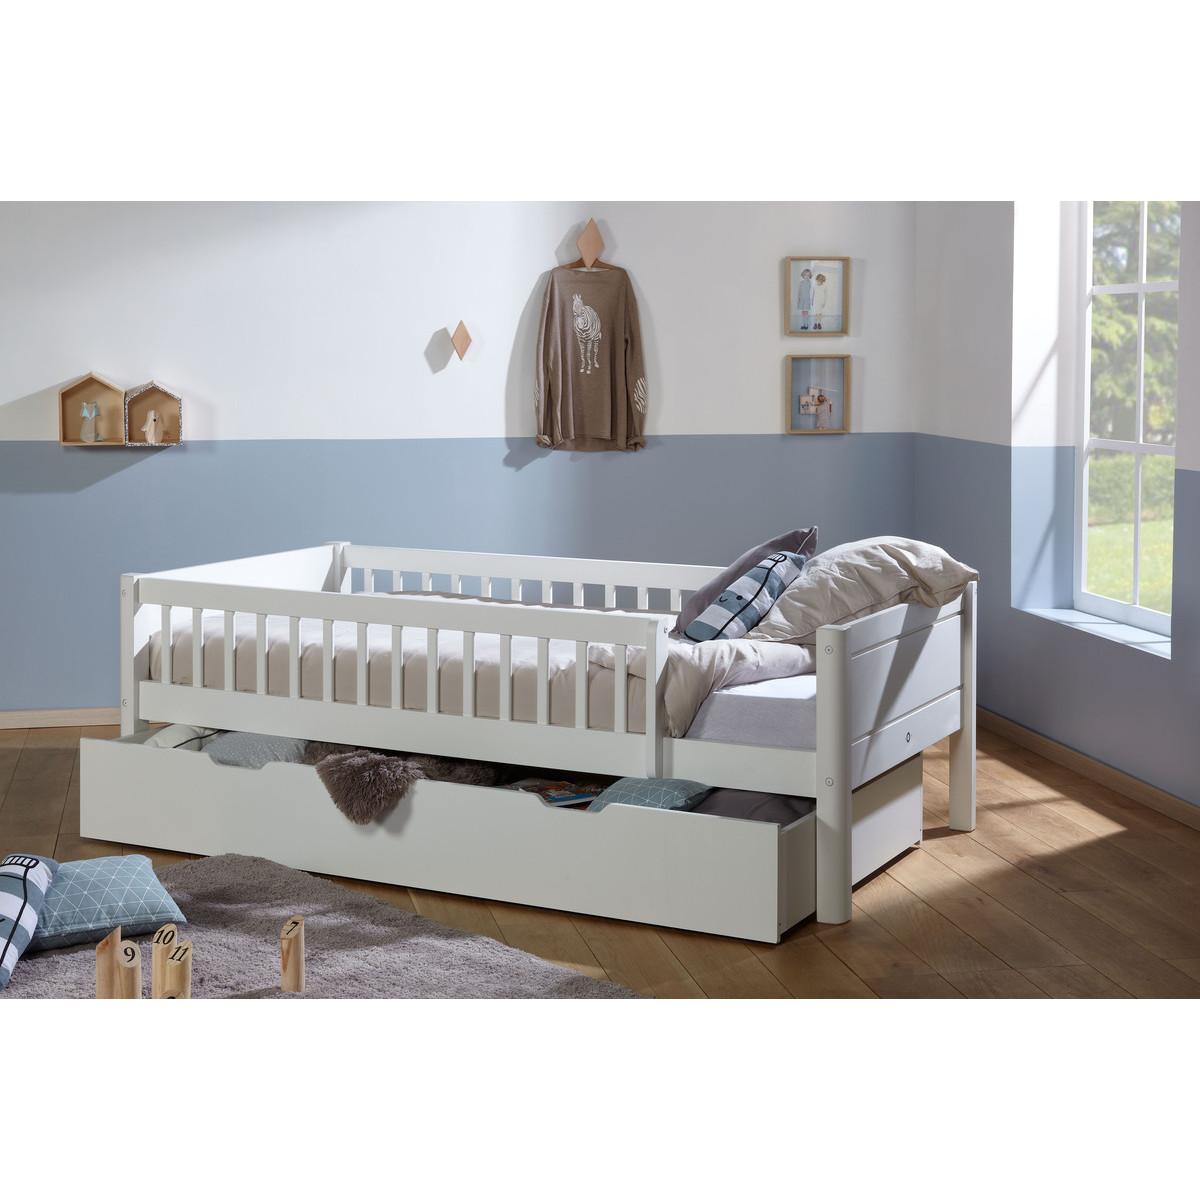 lit enfant avec barrieres modulables julia